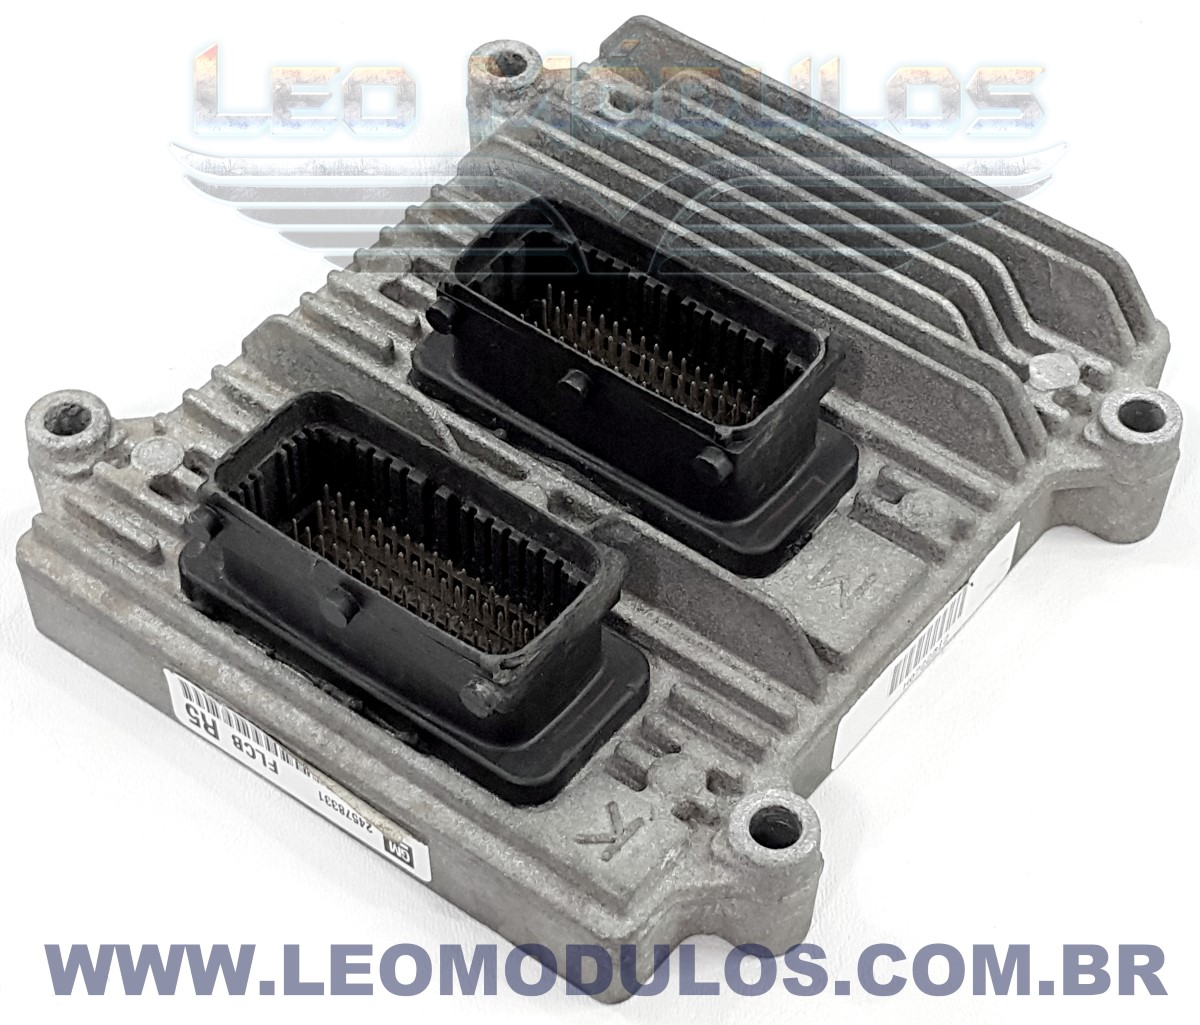 Módulo de injeção multec HSFI 2.3 - FLCB R5 24578331 - Chevrolet Celta Prisma 1.0 Flex VHCE - FLCB R5 - Leo Módulos